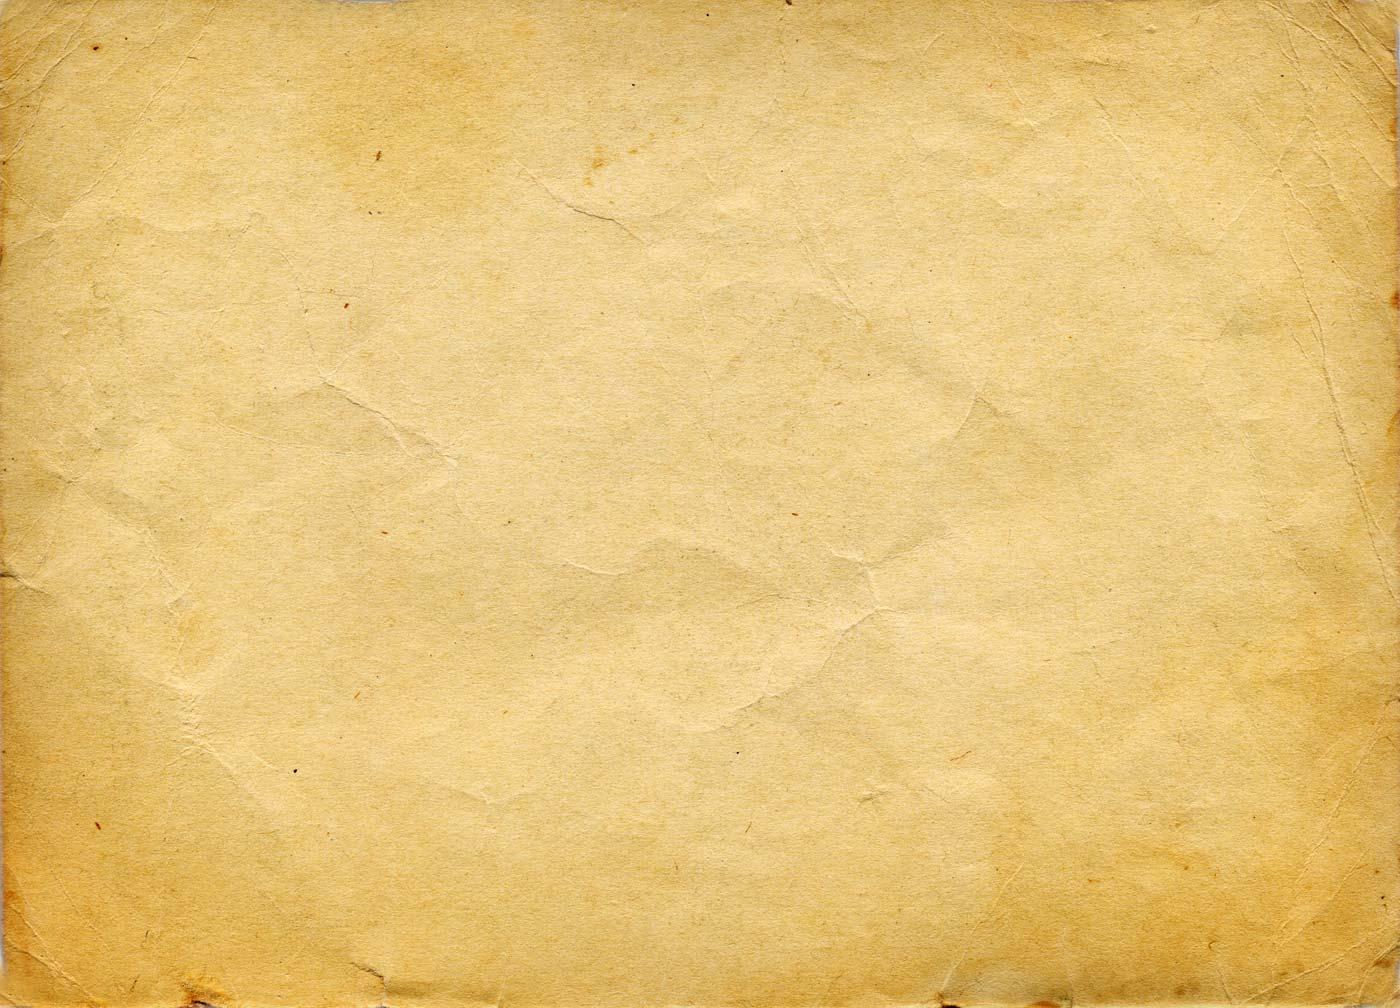 Antique Newspaper Wallpaper - WallpaperSafari